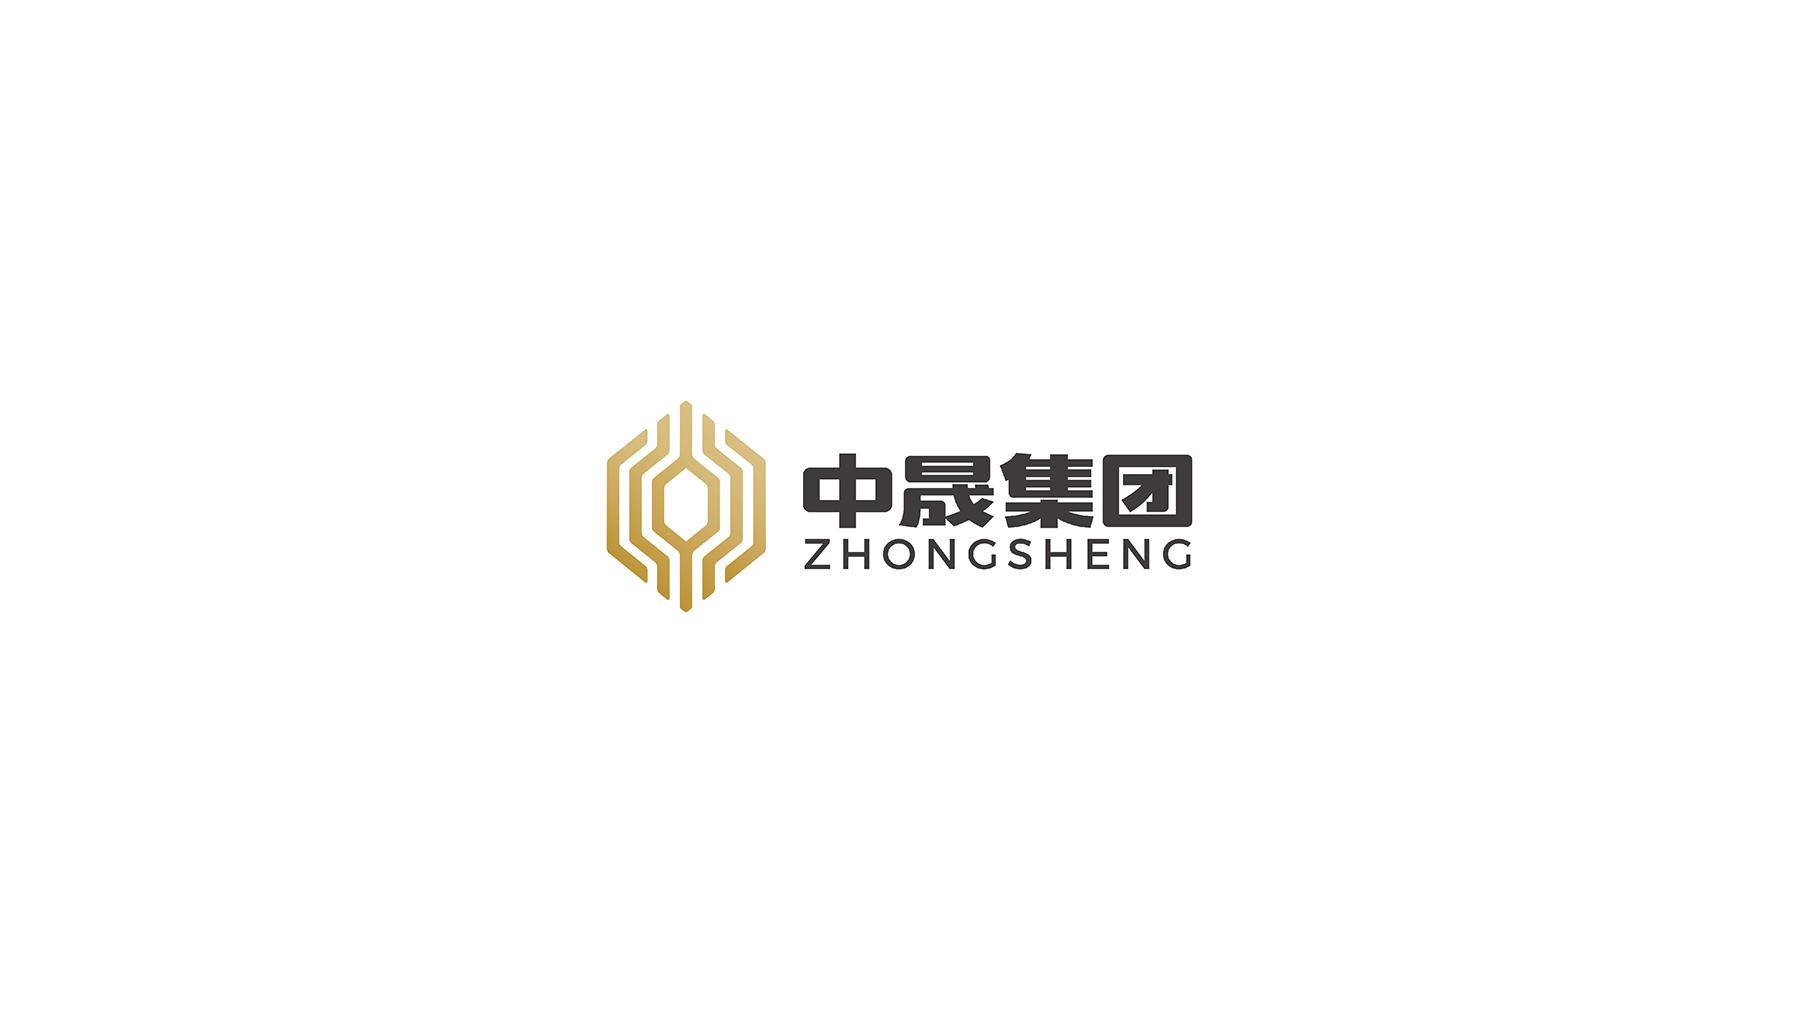 西安专业logo设计公司